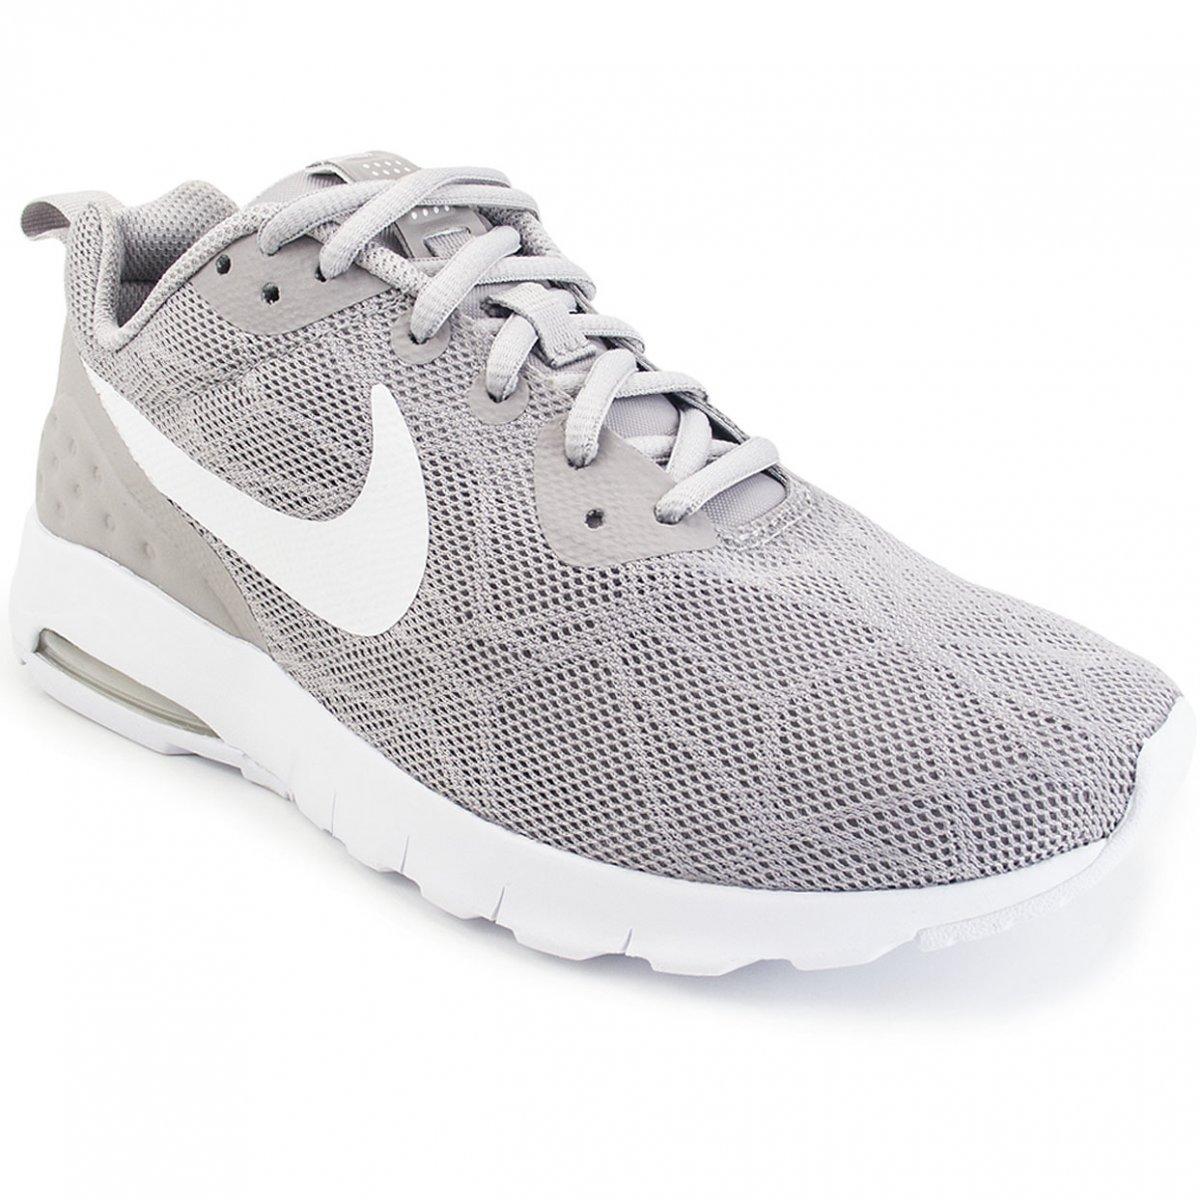 74b658711 Tênis Nike Air Max Motion LW SE Feminino